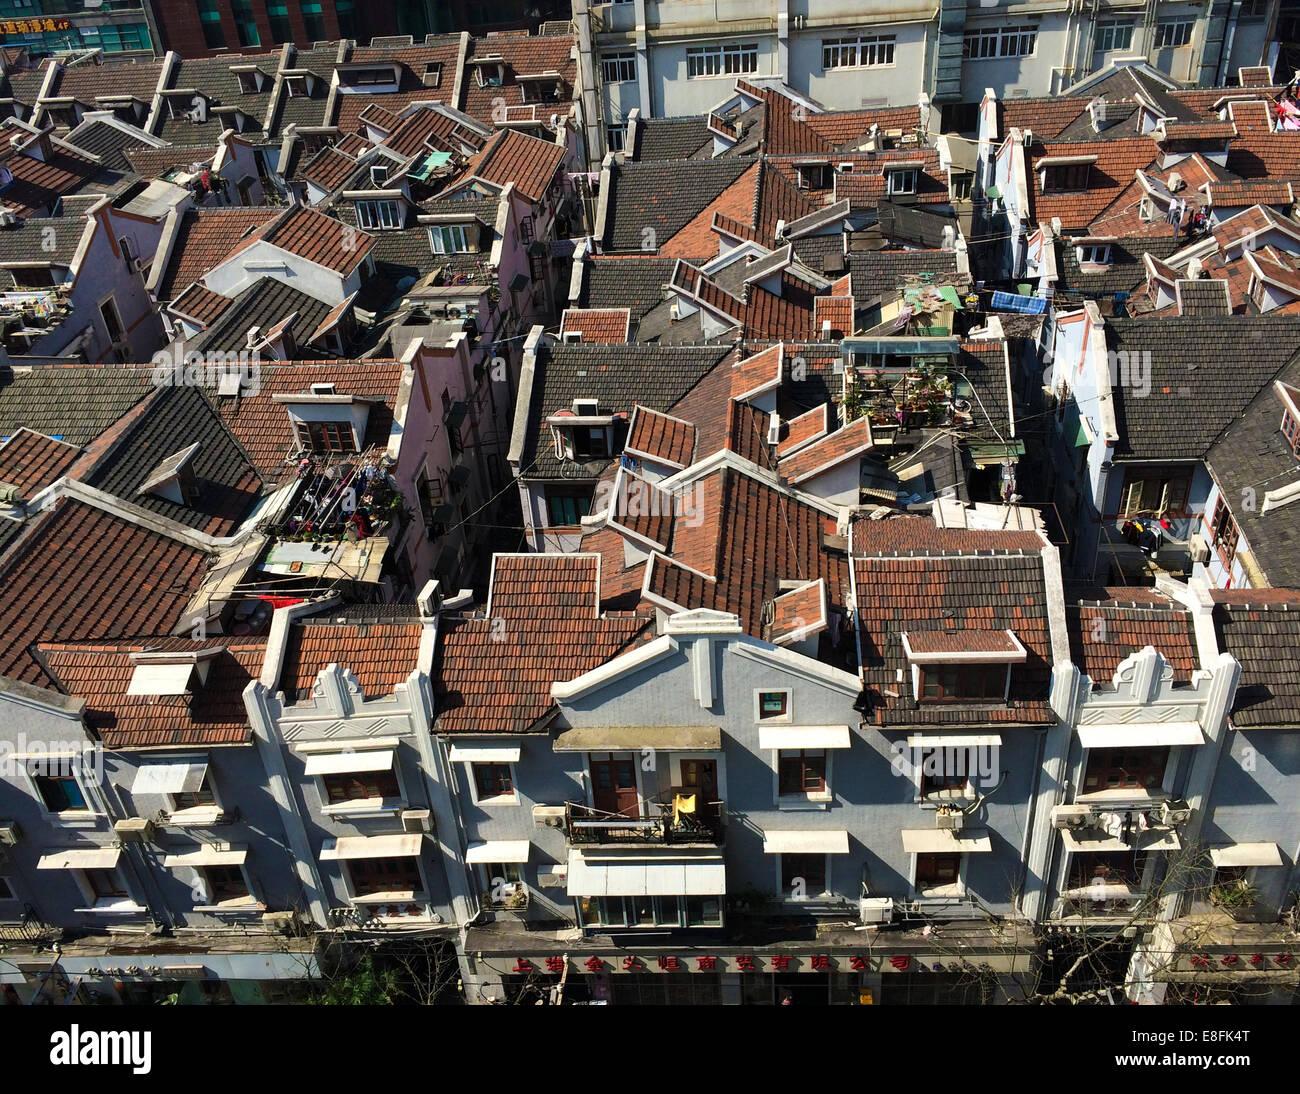 Shanghai, China mirando hacia abajo en las tradicionales casas antiguas Yongshou Lu, Shanghai, China Imagen De Stock